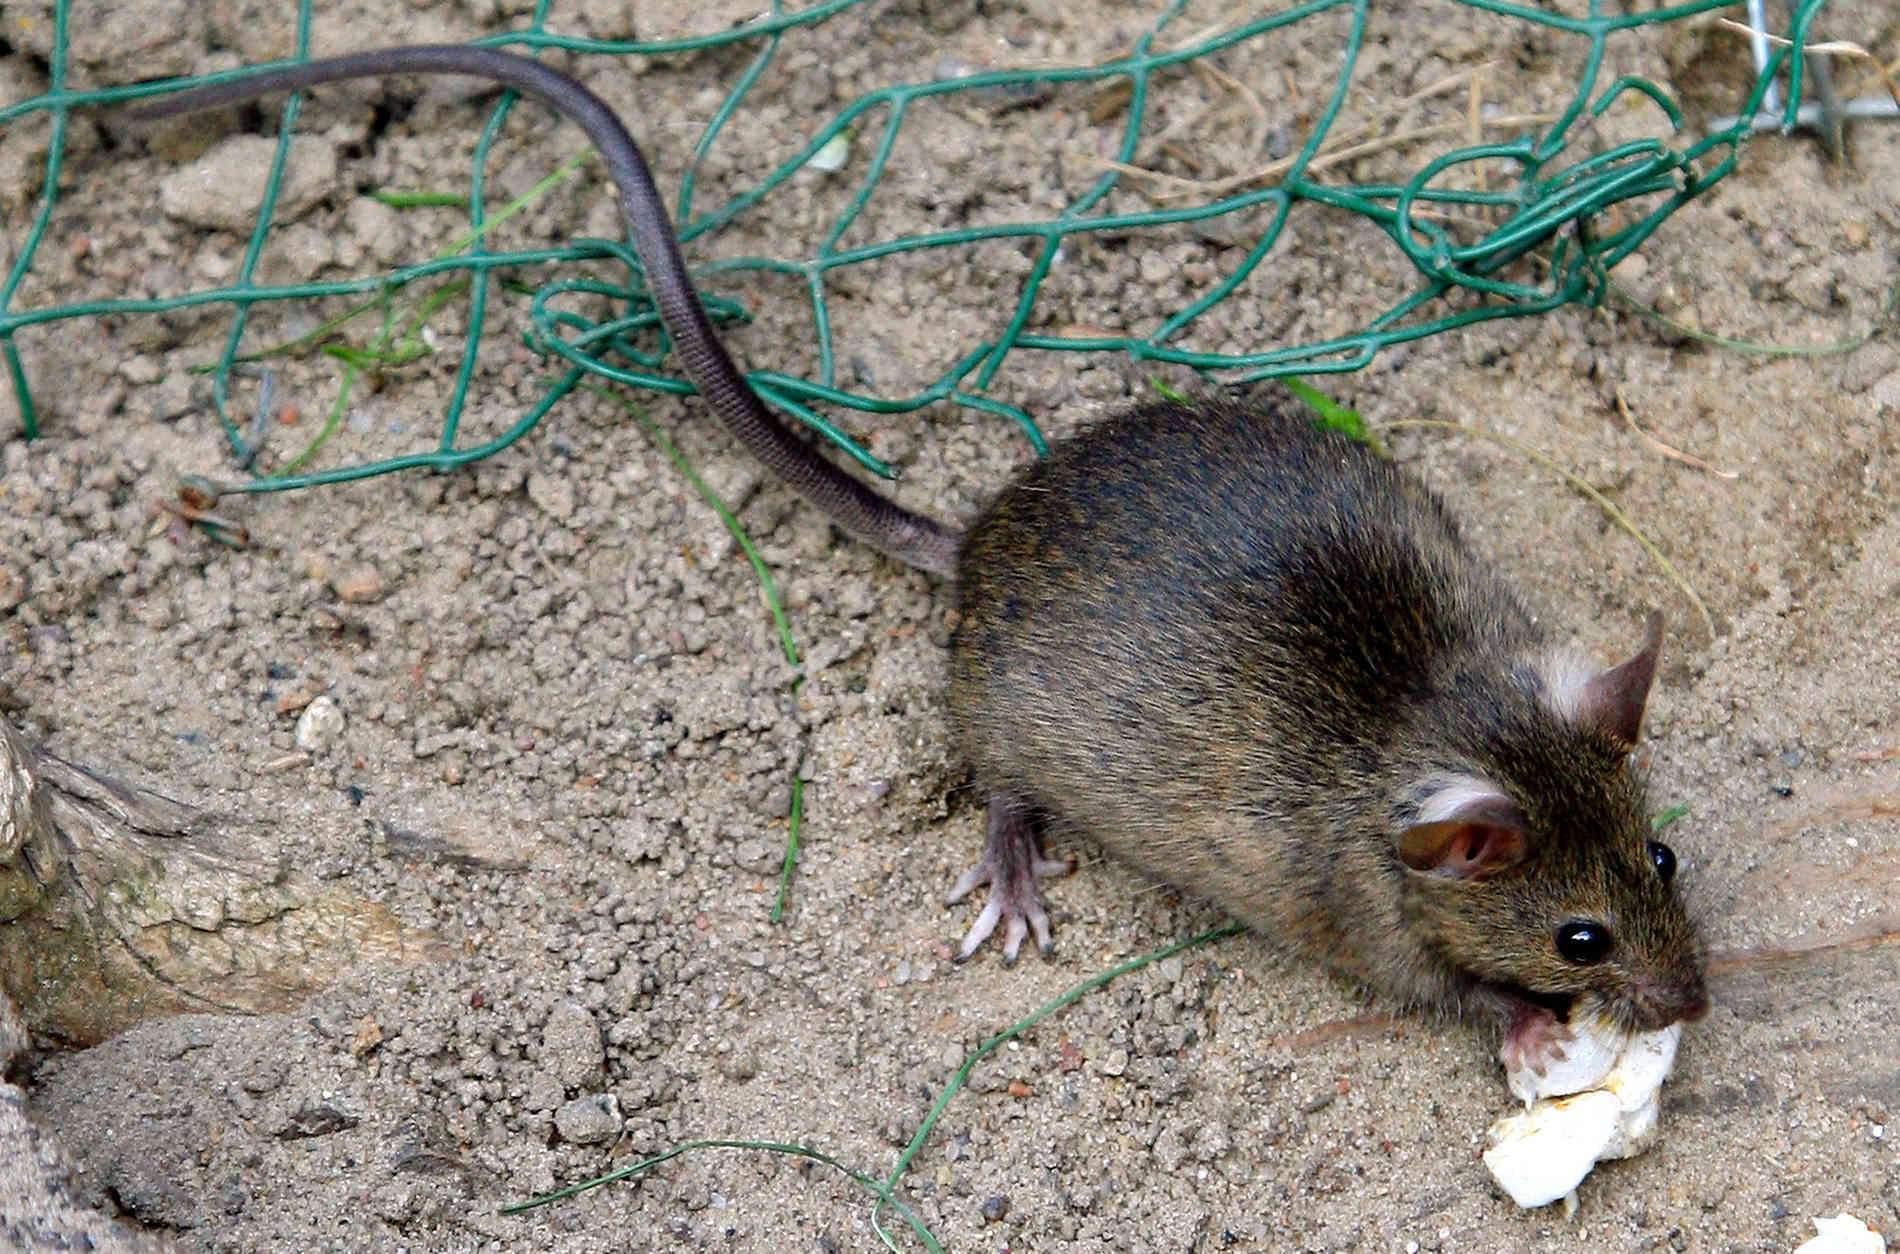 in krefeld leben bis zu eine million ratten aid